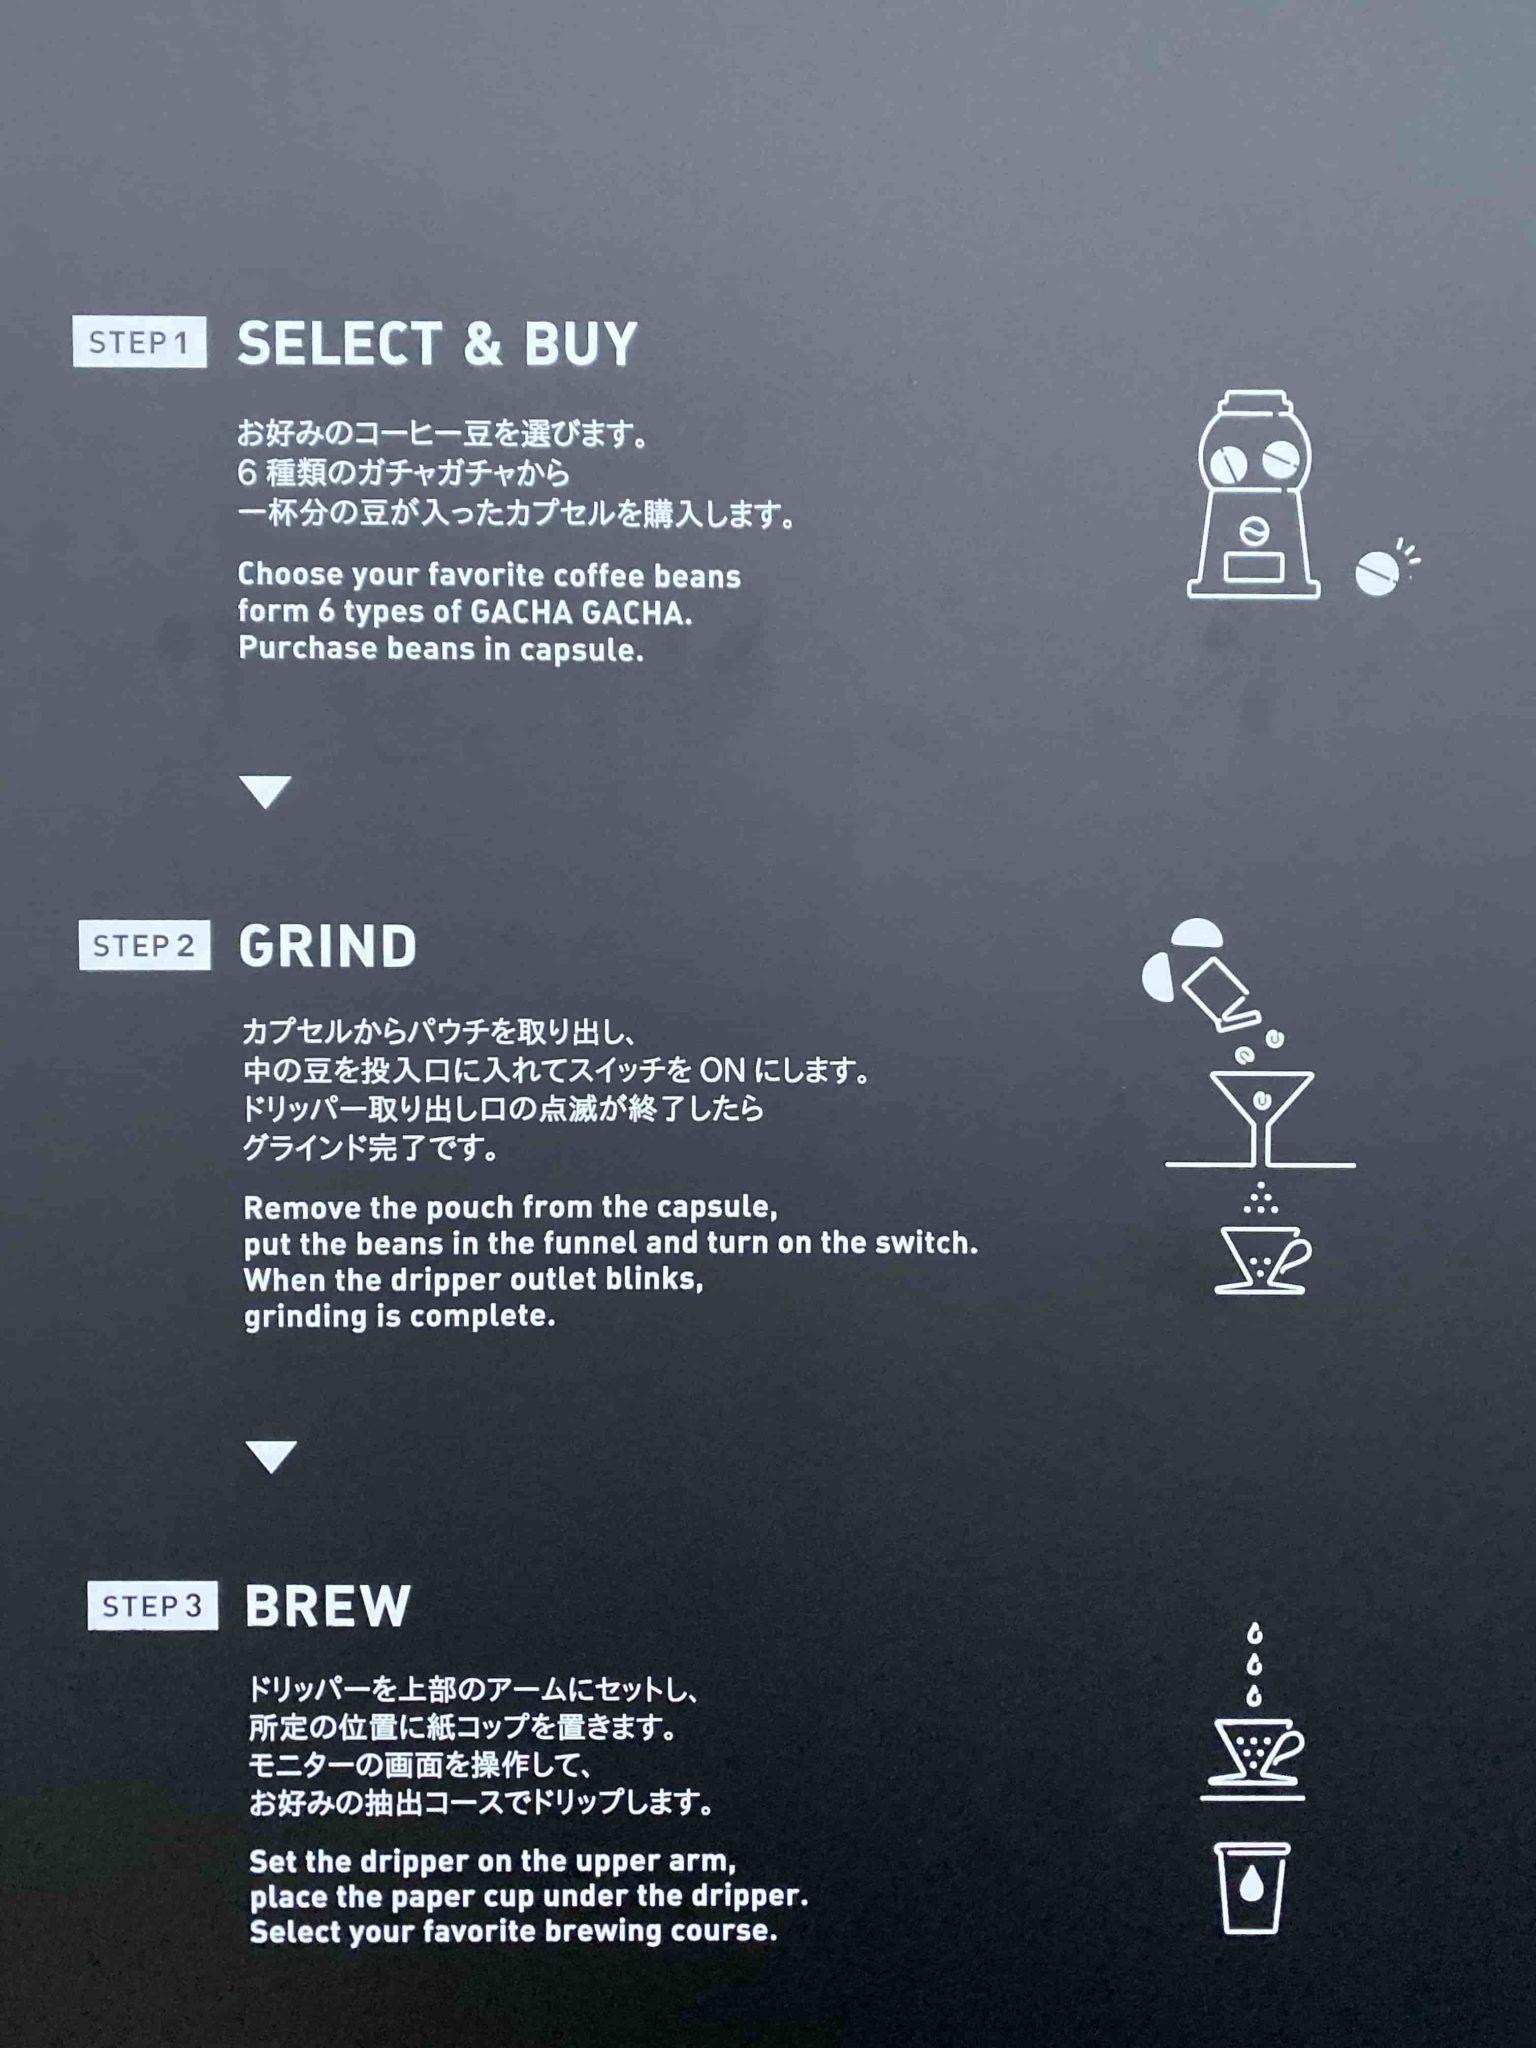 Of dit self-service koffie concept waar alles tot in de puntjes wordt gecommuniceerd. Er is namelijk geen service medewerker.